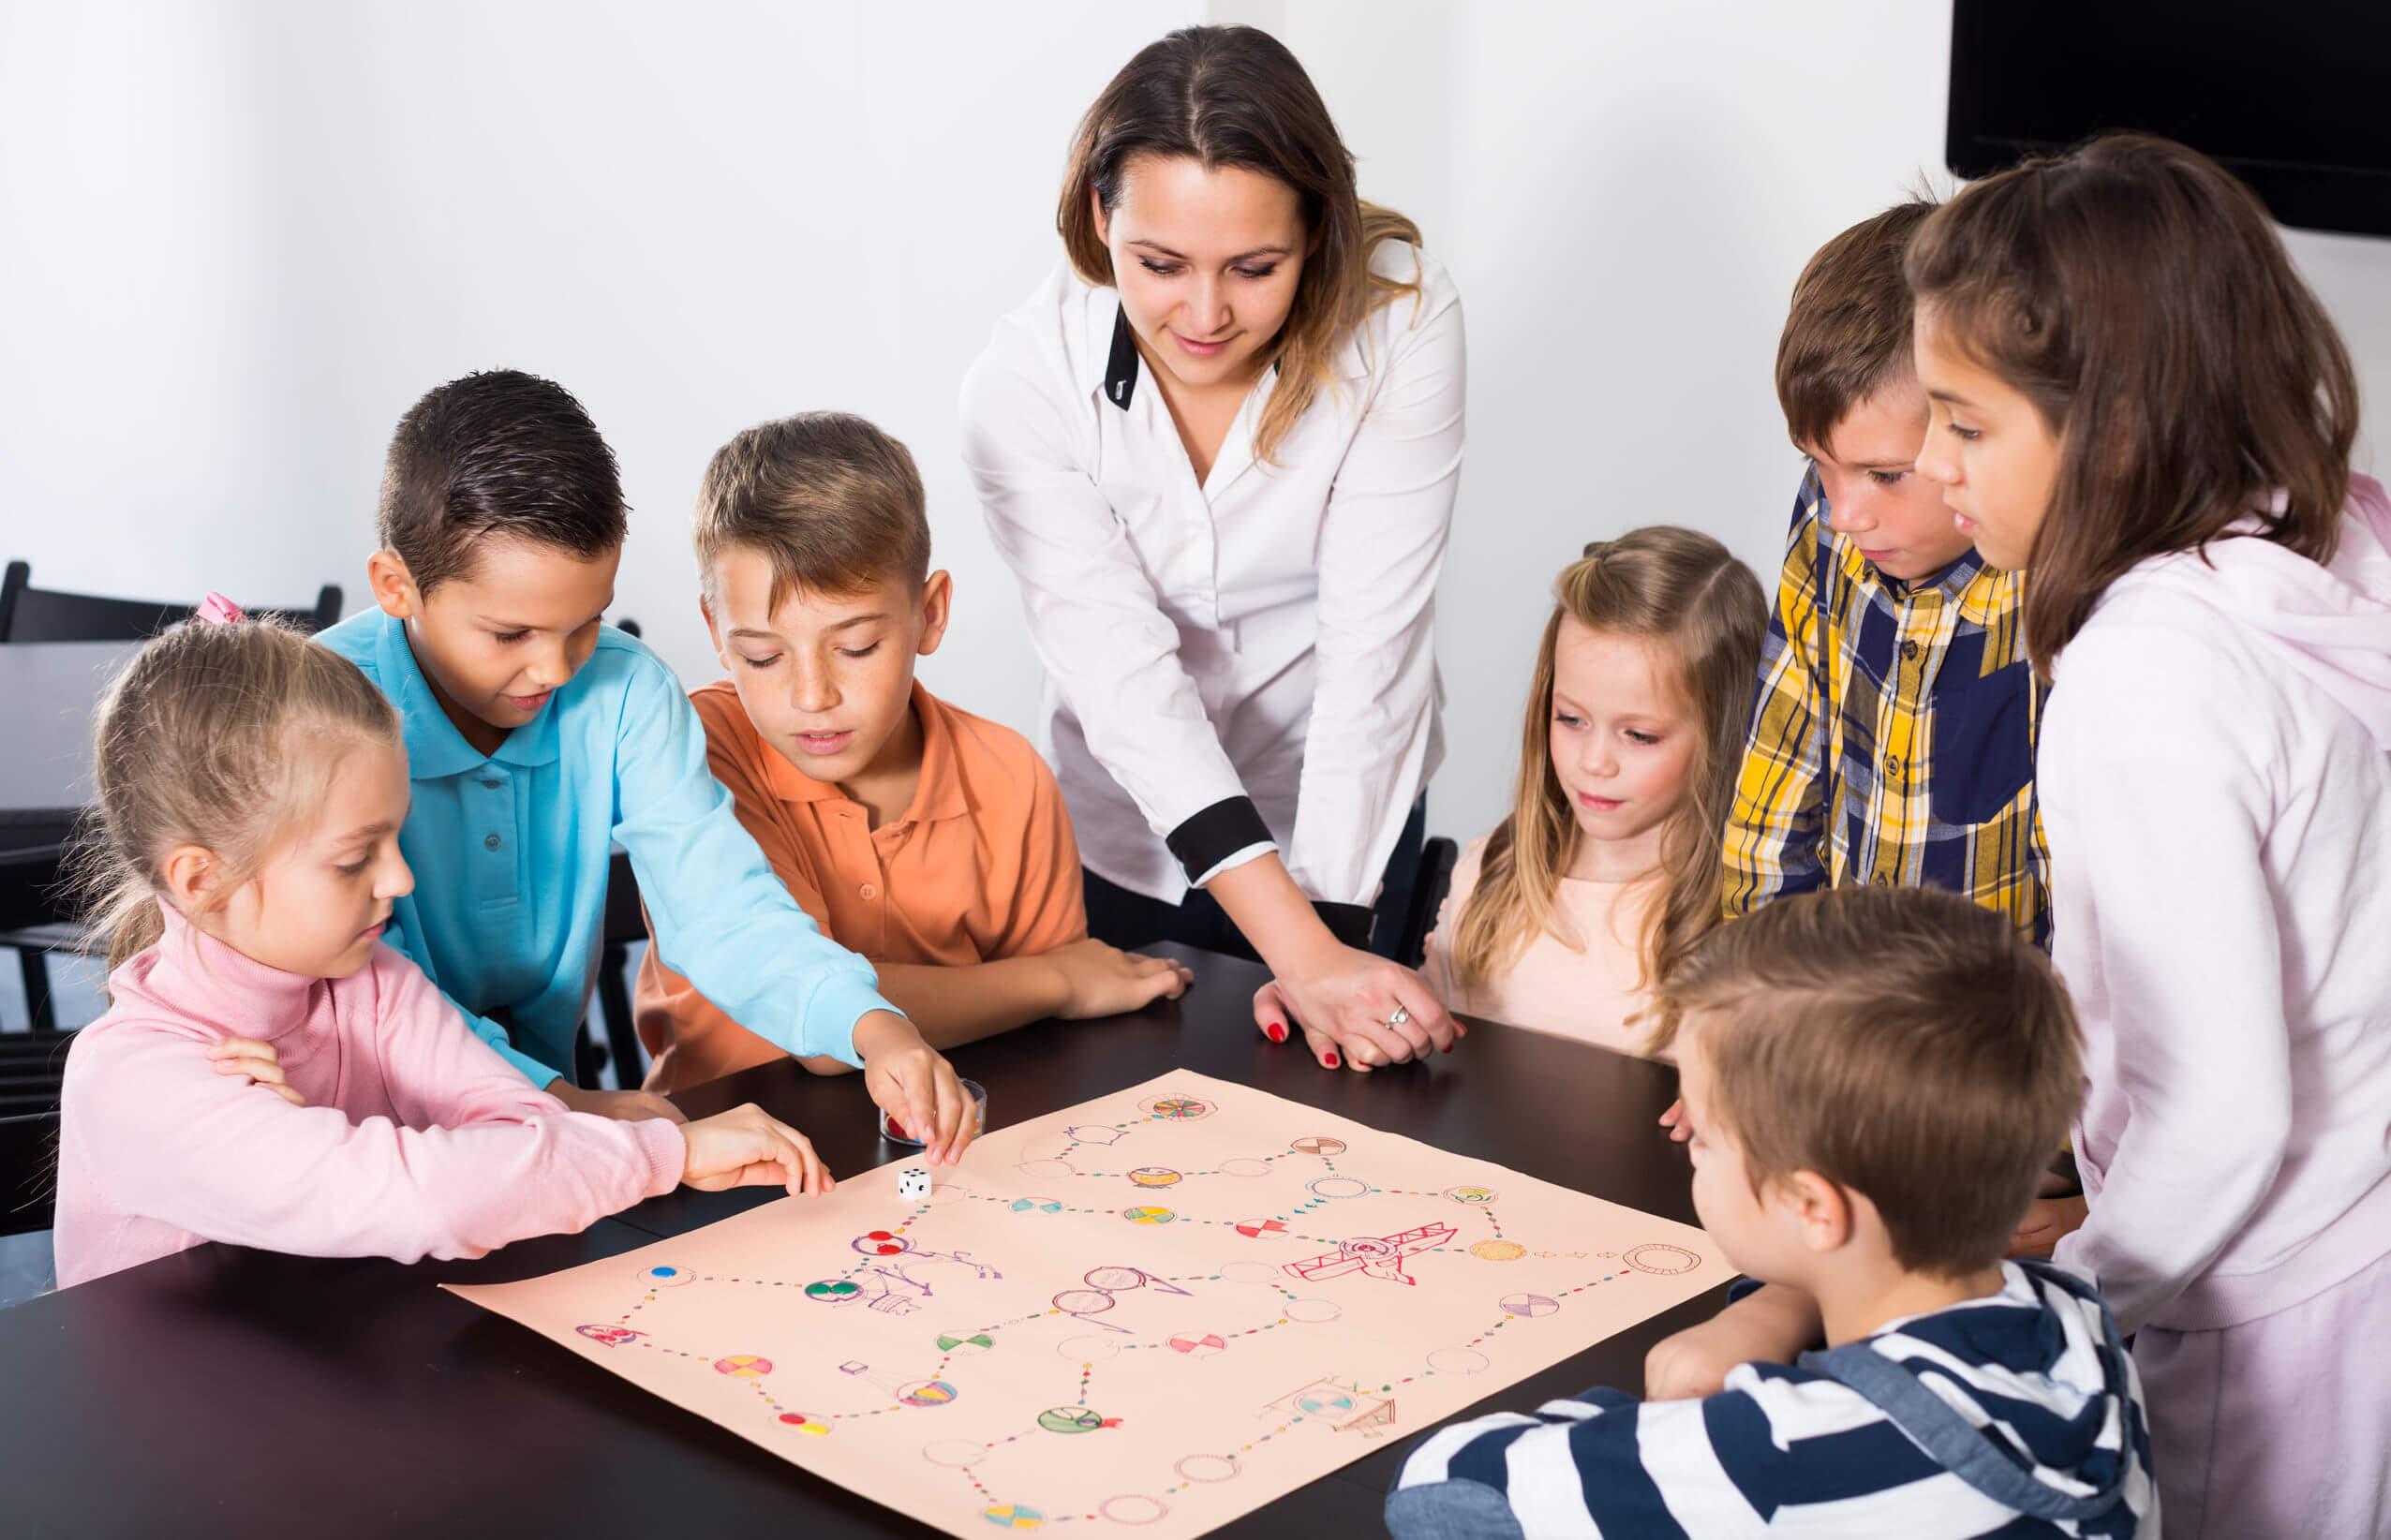 Niños jugando en clase a juegos cooperativos.